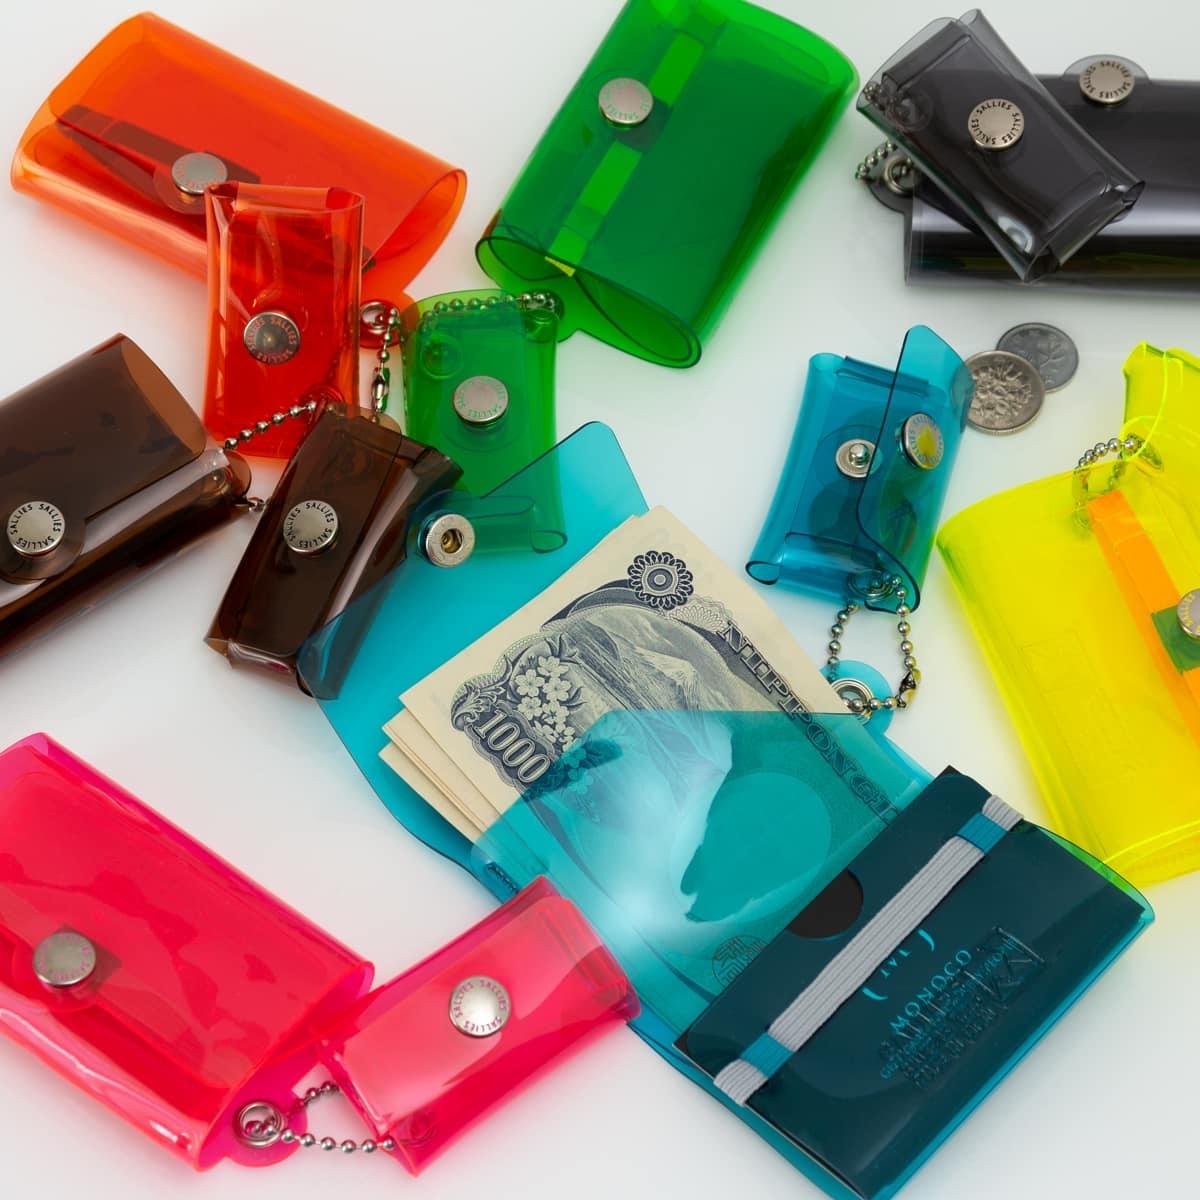 sallies,迷你錢包,果凍包,錢包,錢夾,交換禮物